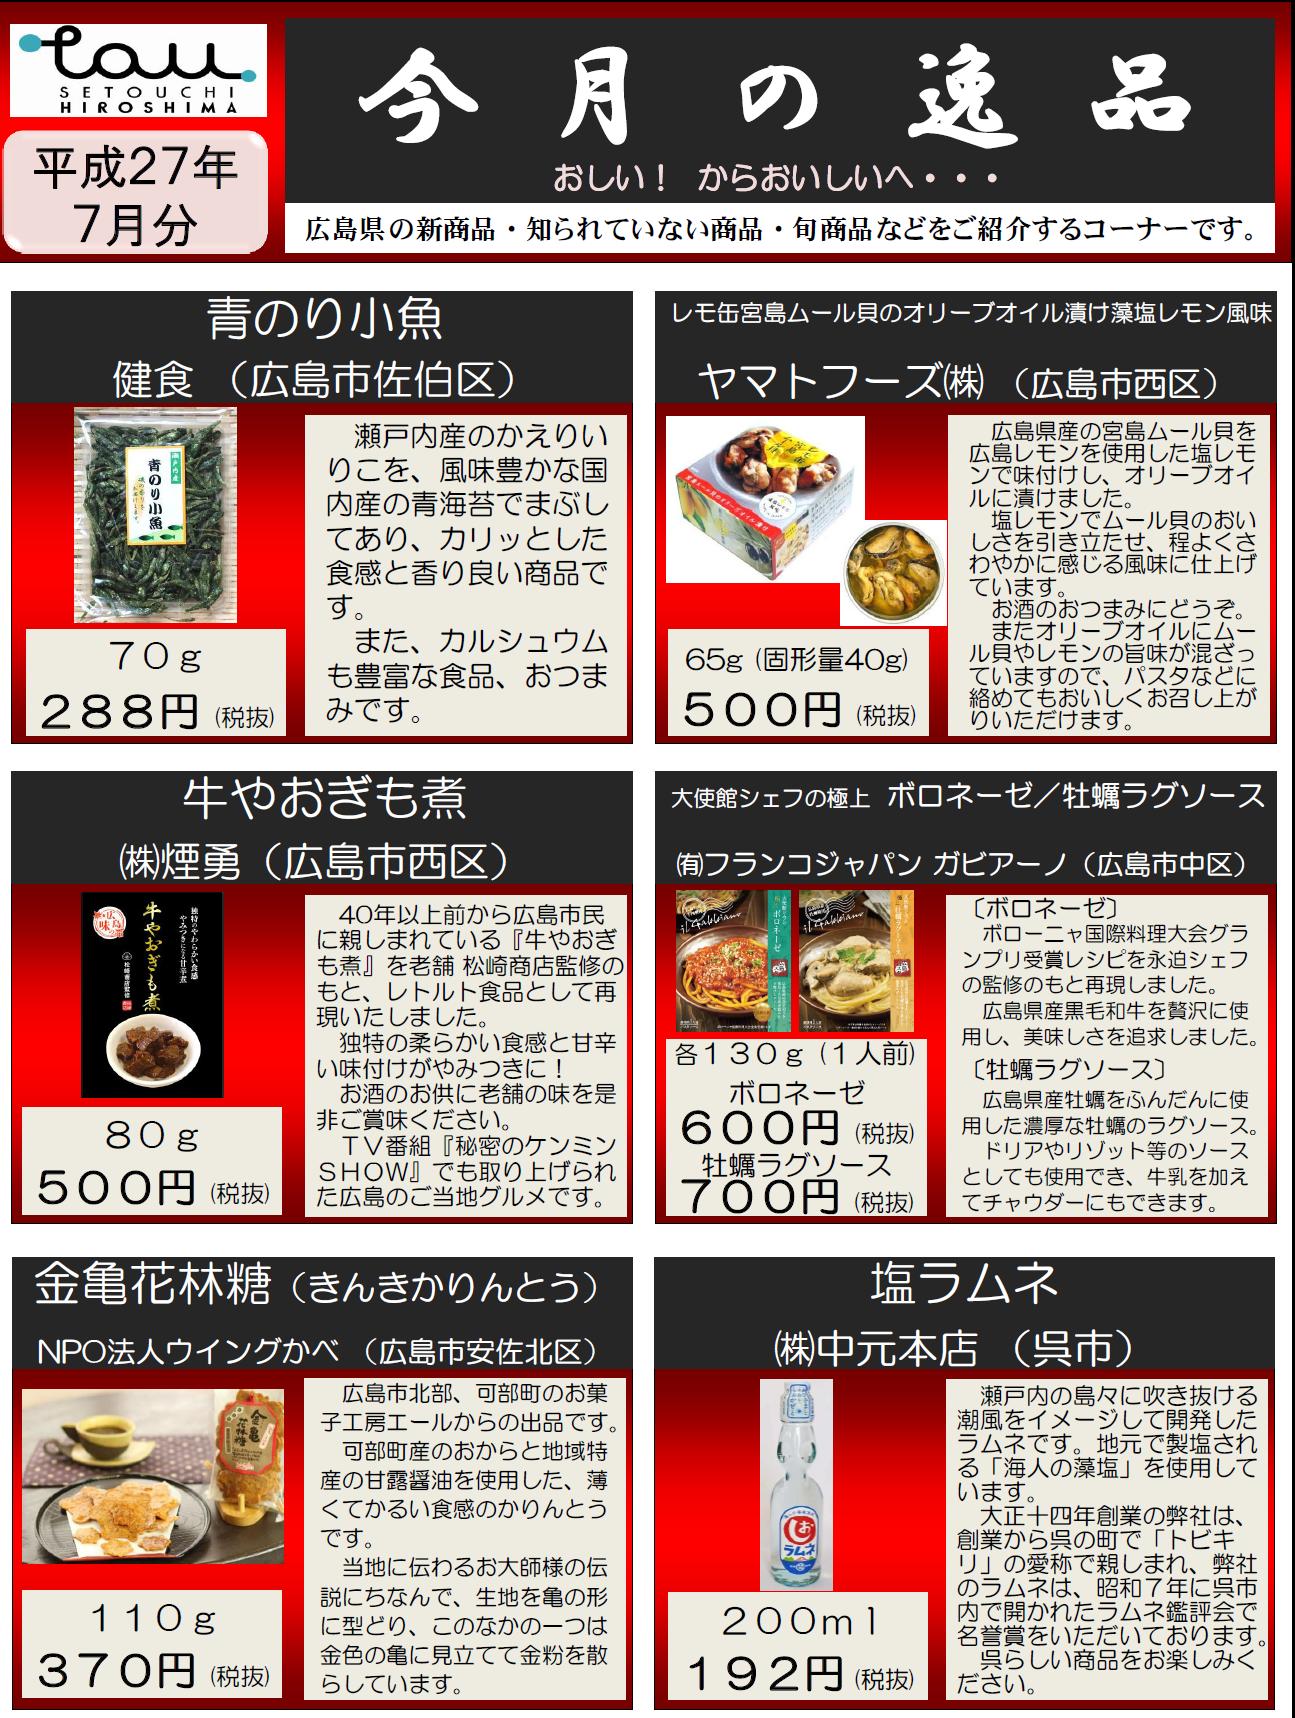 おはよう日本出演者ブログ:NHKブログ |  年12月